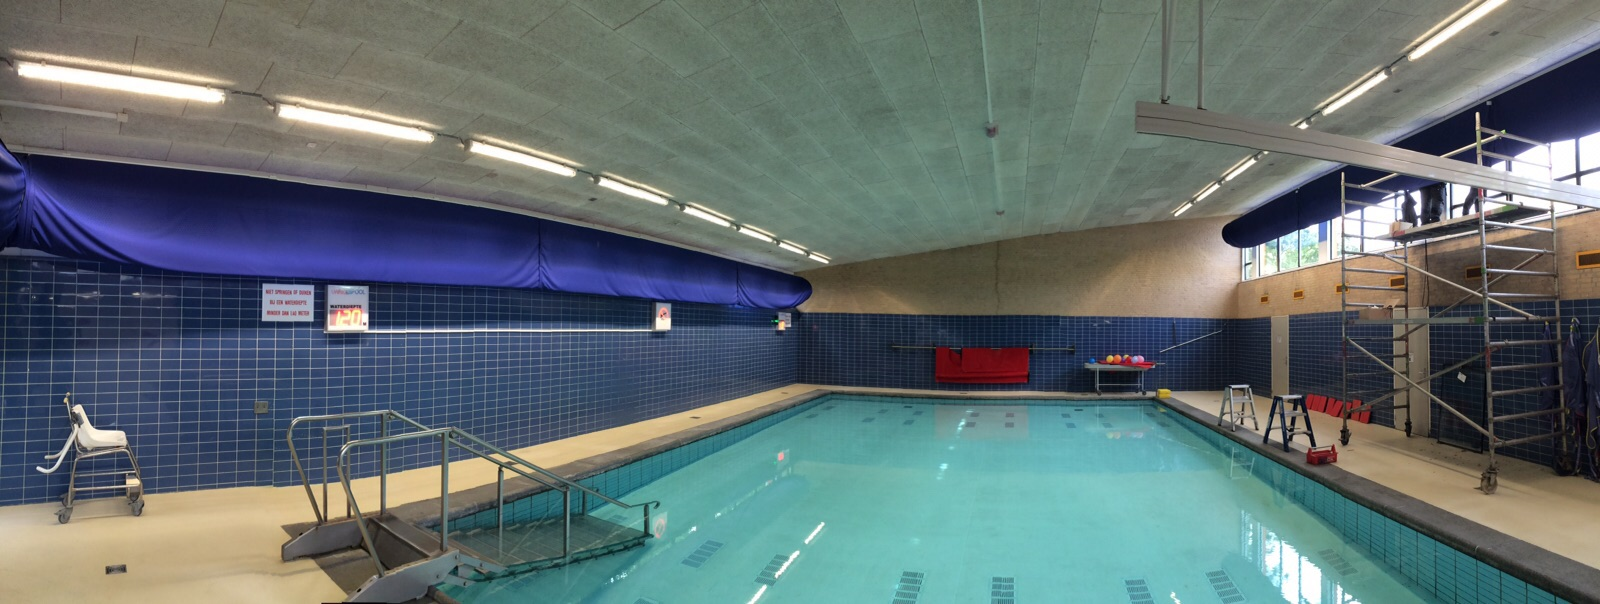 Regenboogschool te Haarlem Zwembad LED-verlichting Borms Elektrotechniek